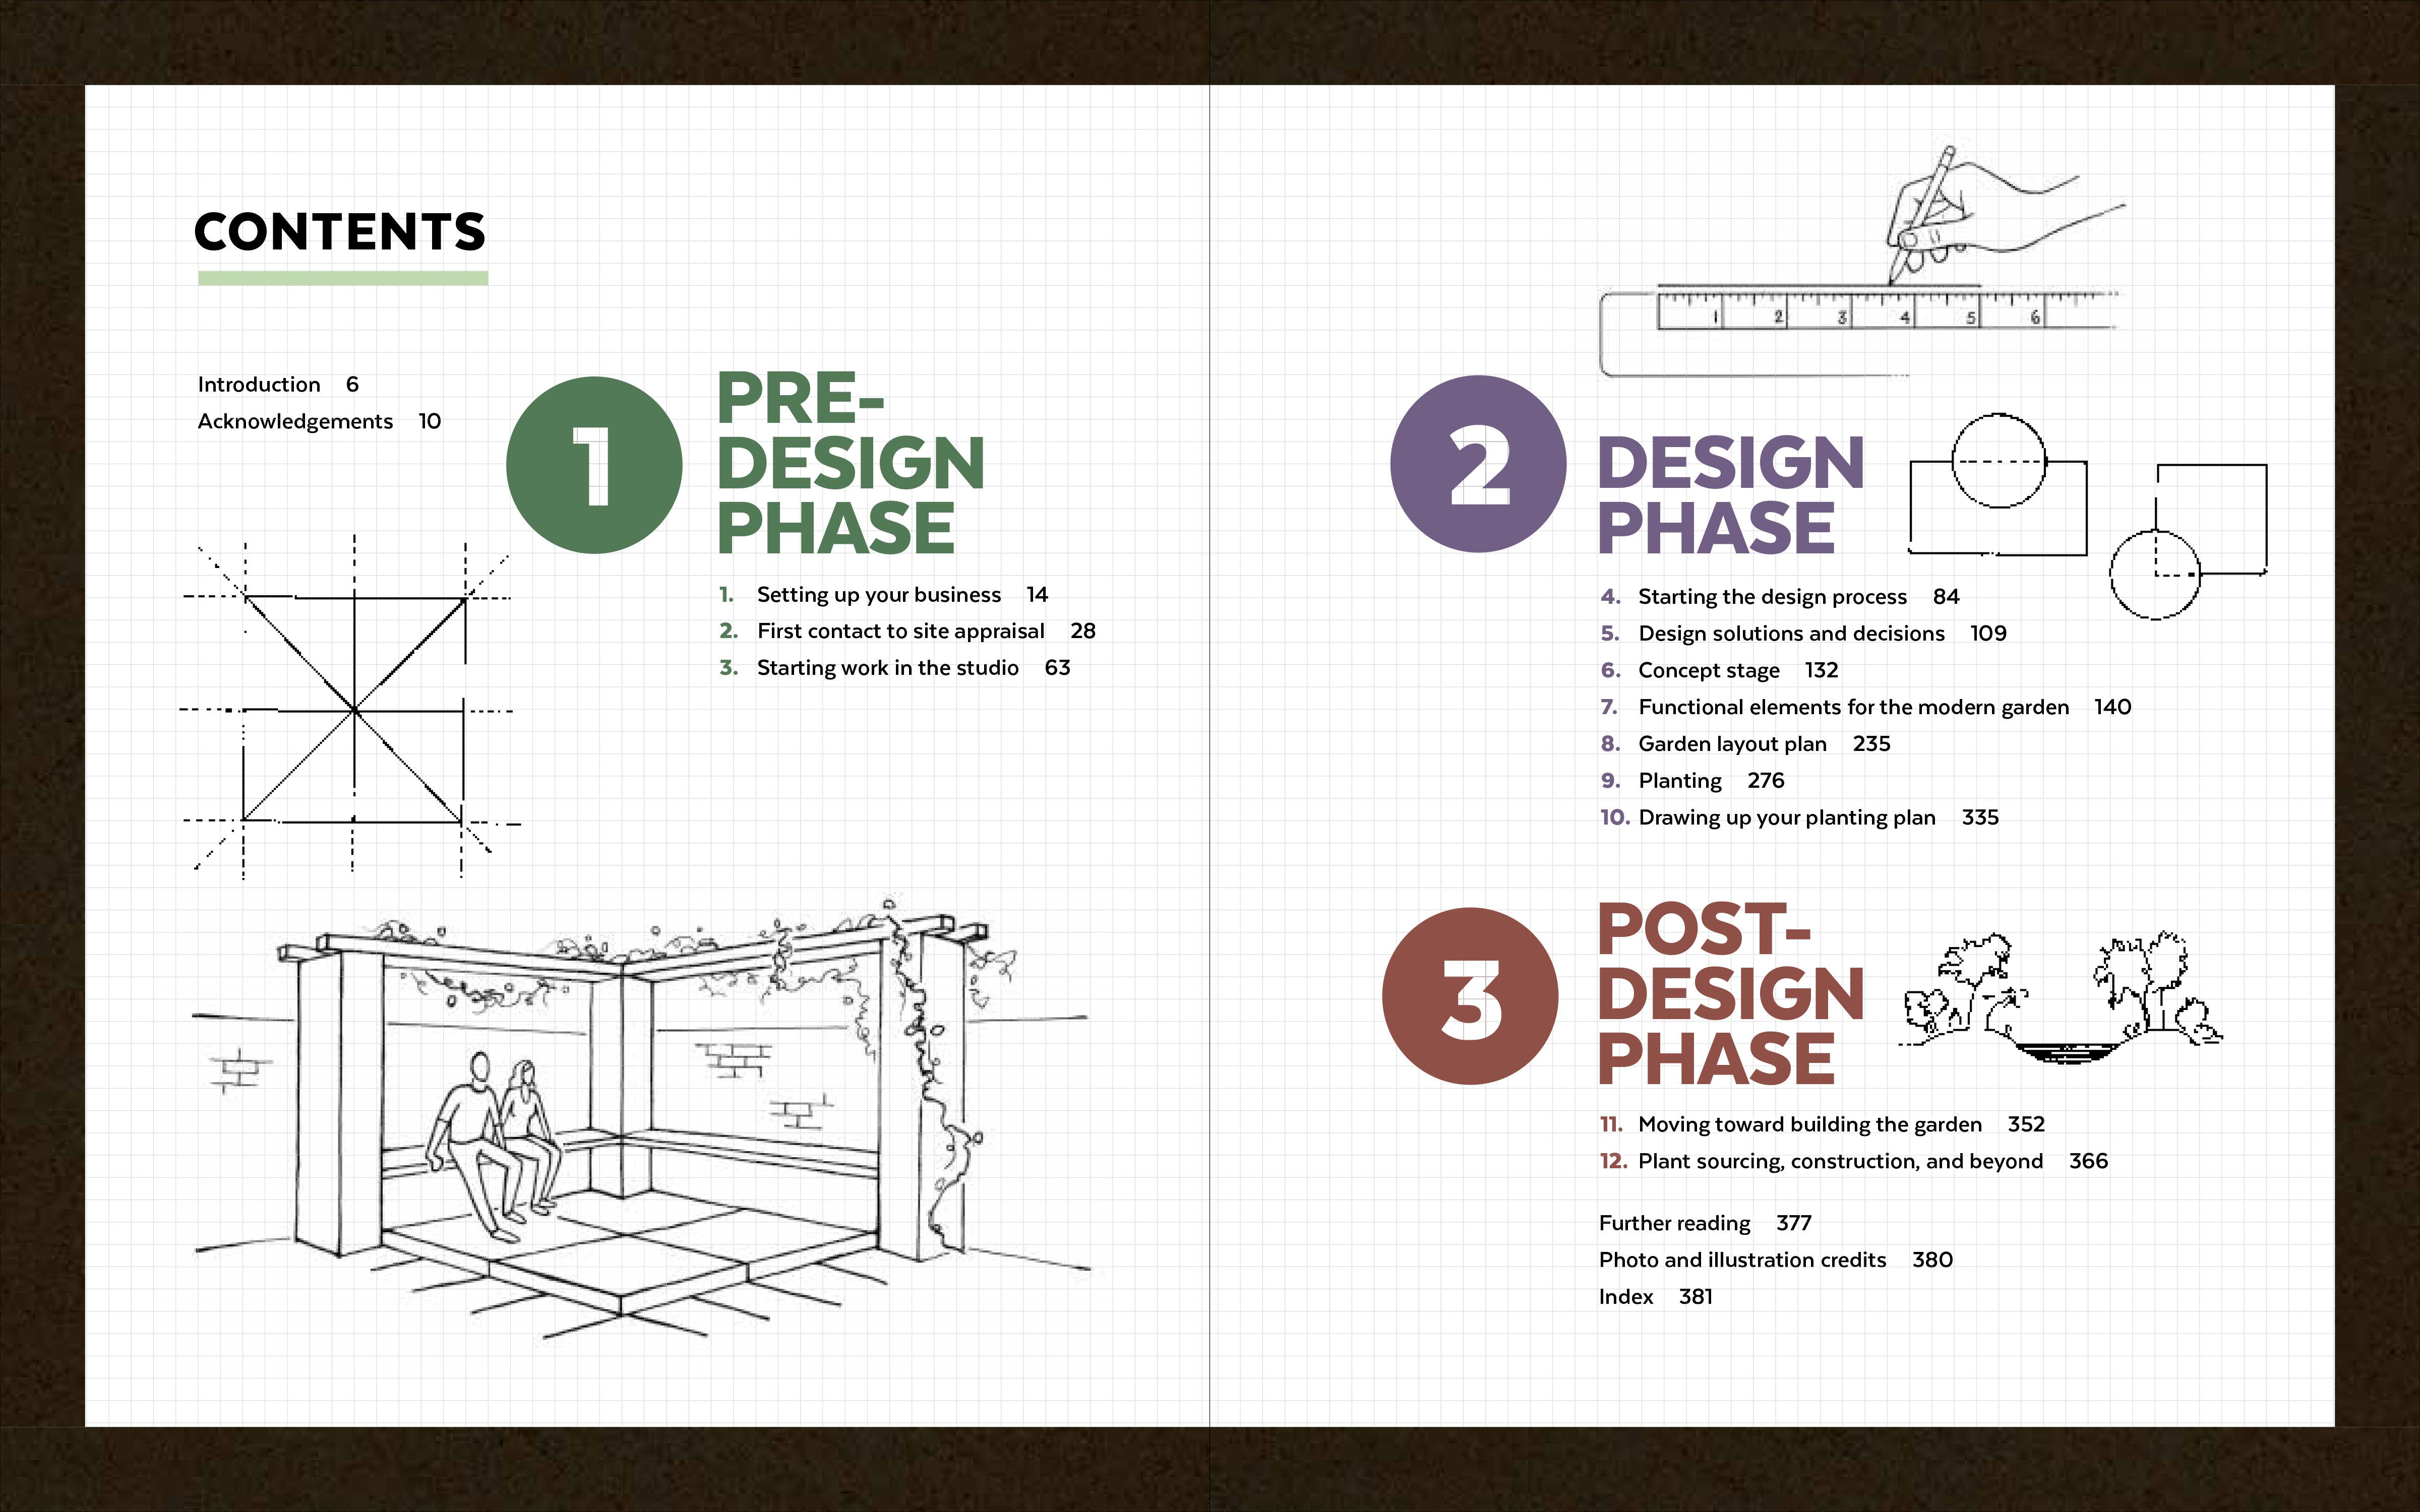 The Essential Garden Design Workbook - Workman Publishing